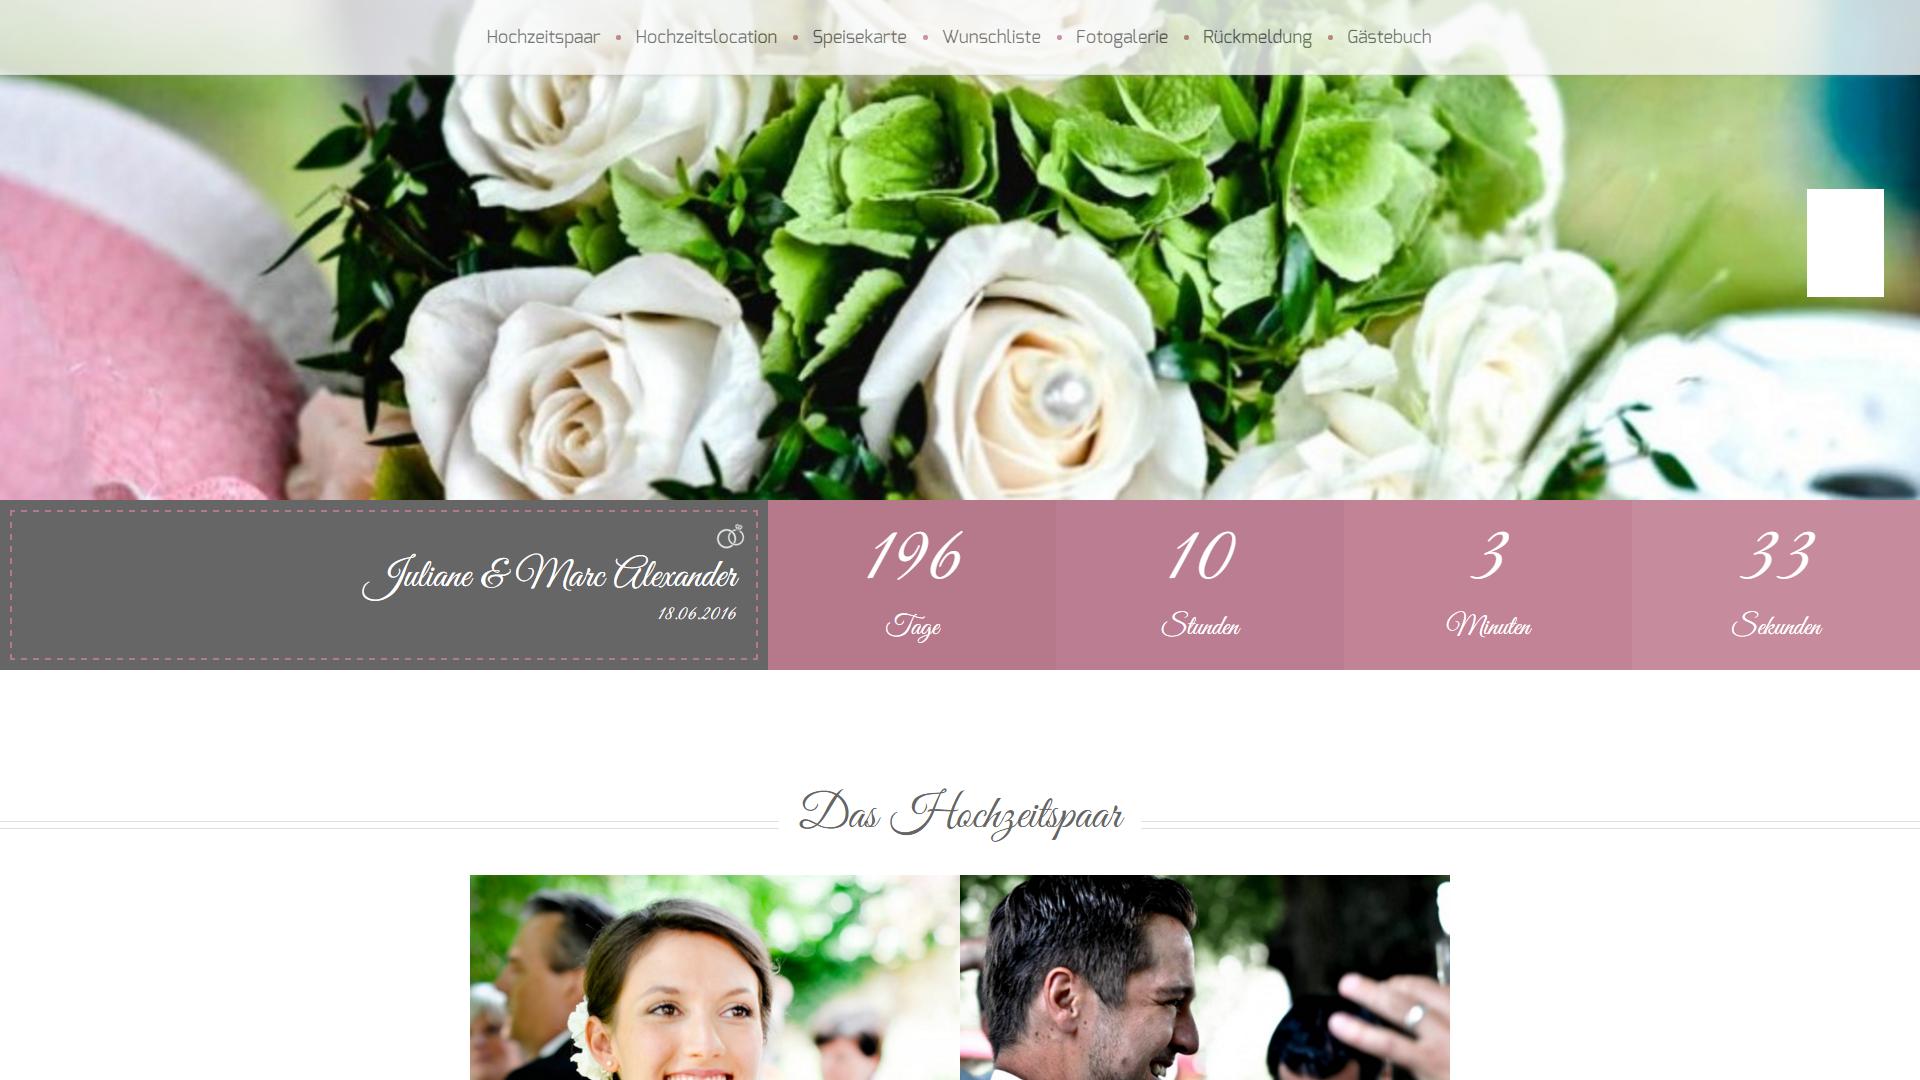 hochzeitshomepage ganz einfach erstellen hochzeitsseite erstellen hochzeit webseite - Hochzeitshomepage Beispiele